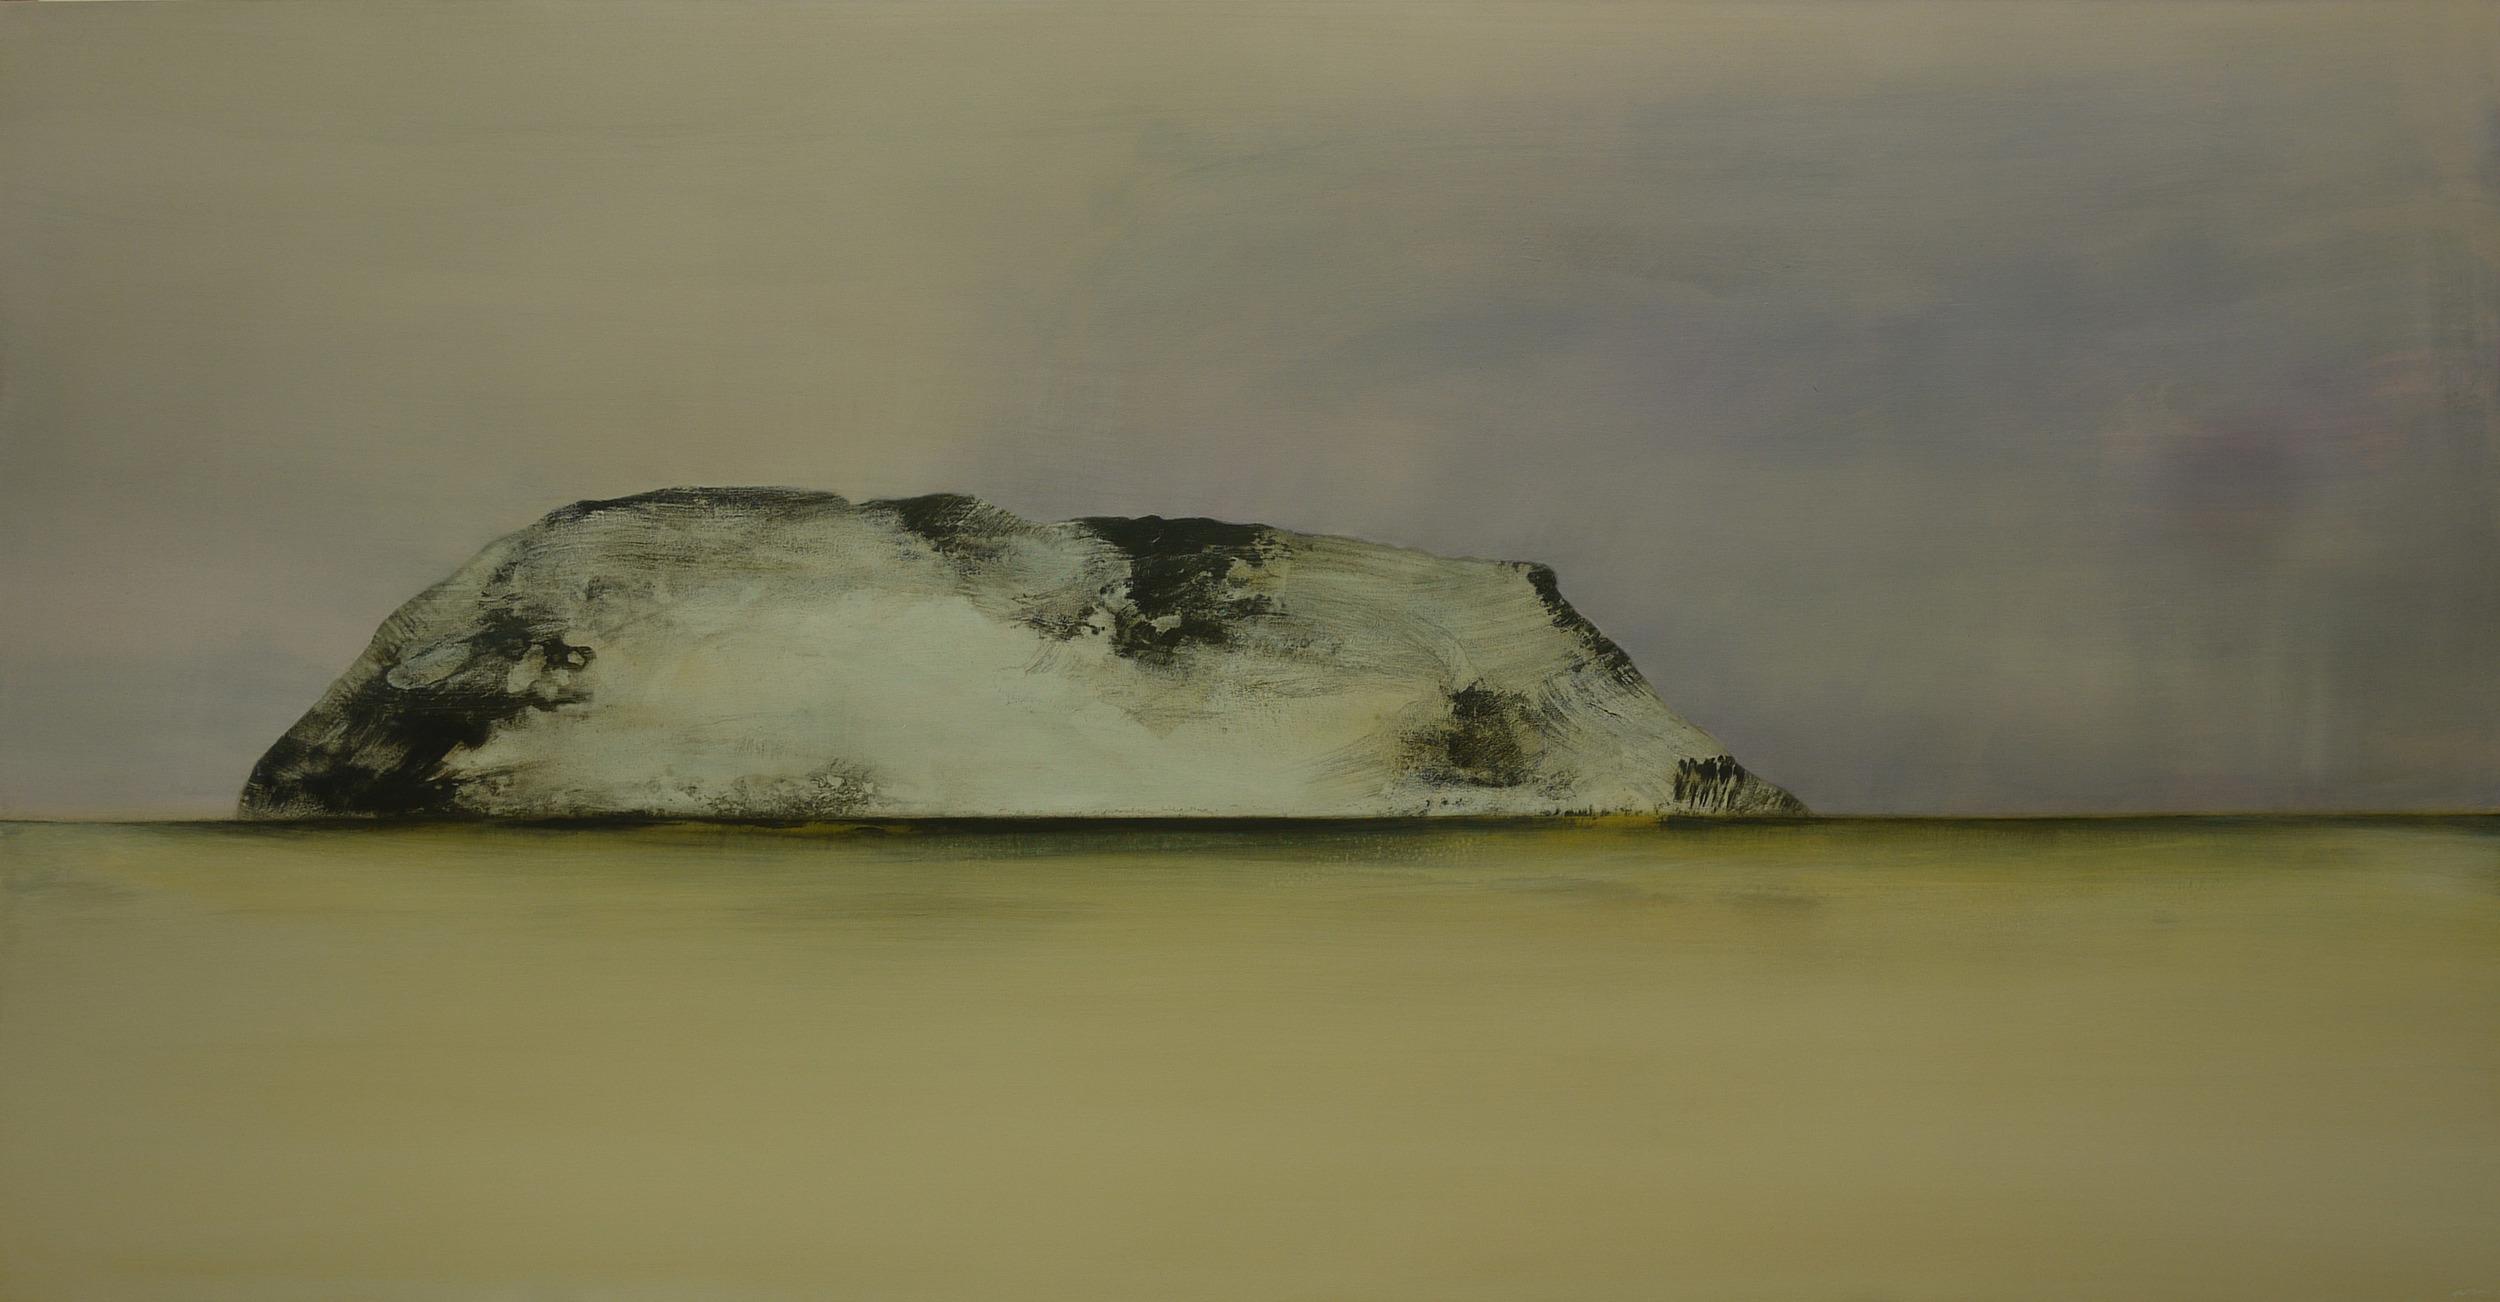 Wyn-Lyn TAN  Whisper, Breathe  2013 Acrylic on canvas 103 x 197 cm